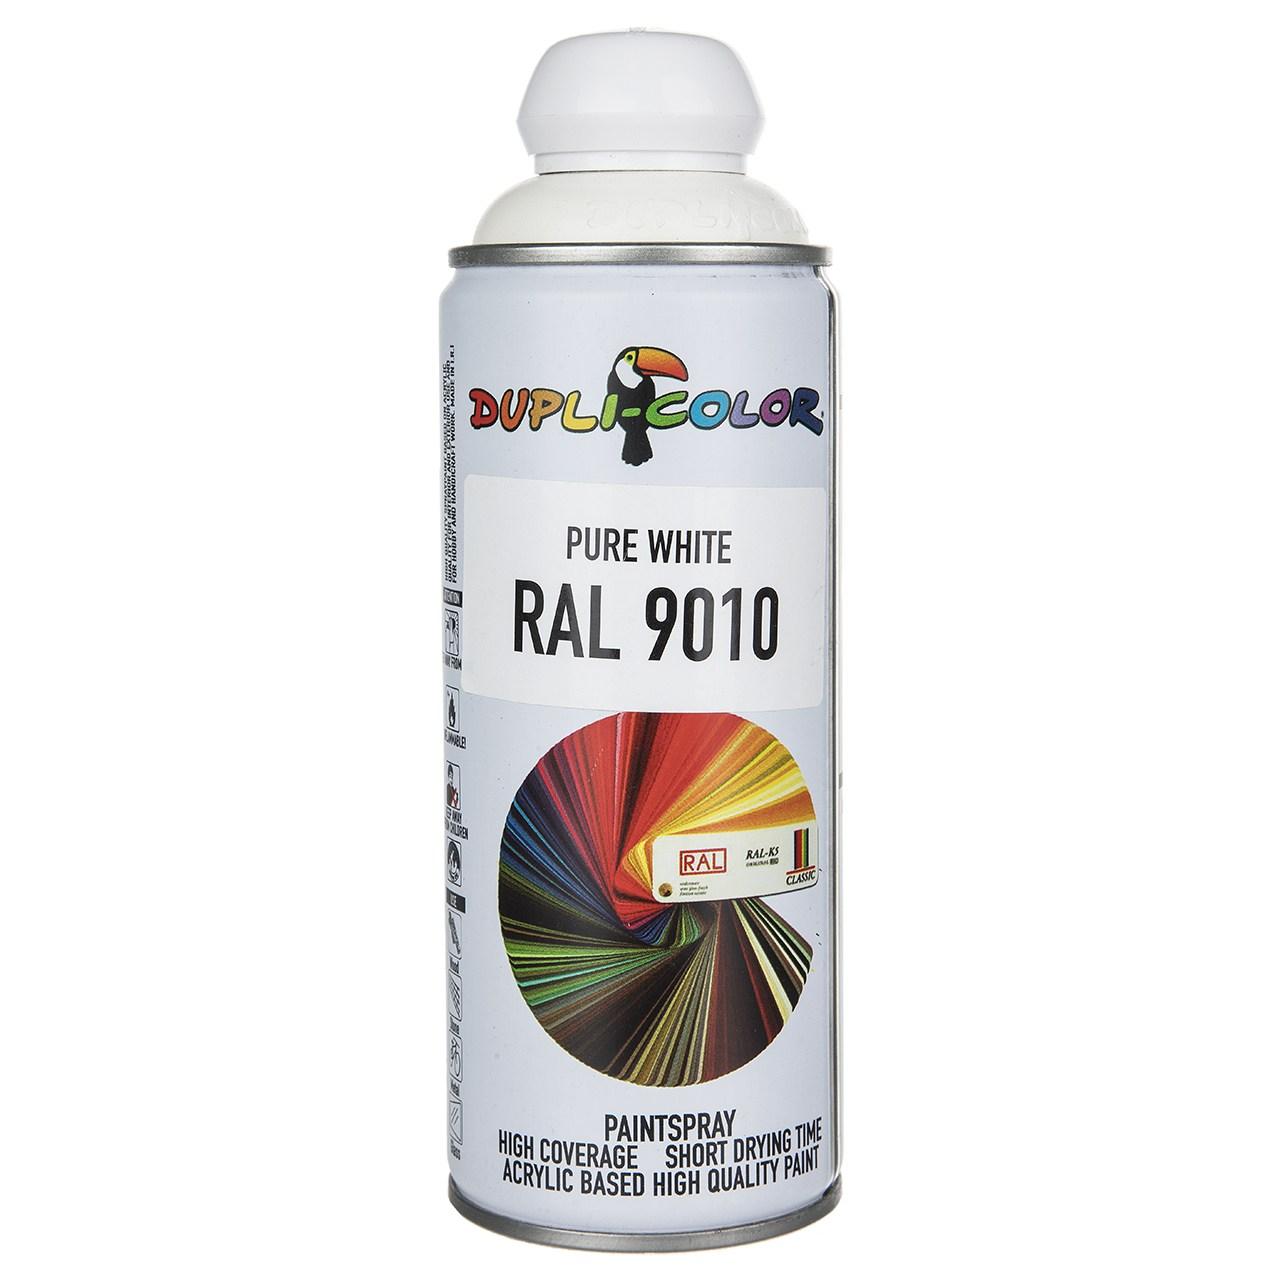 اسپری رنگ سفید دوپلی کالر مدل RAL 9010 حجم 400 میلی لیتر